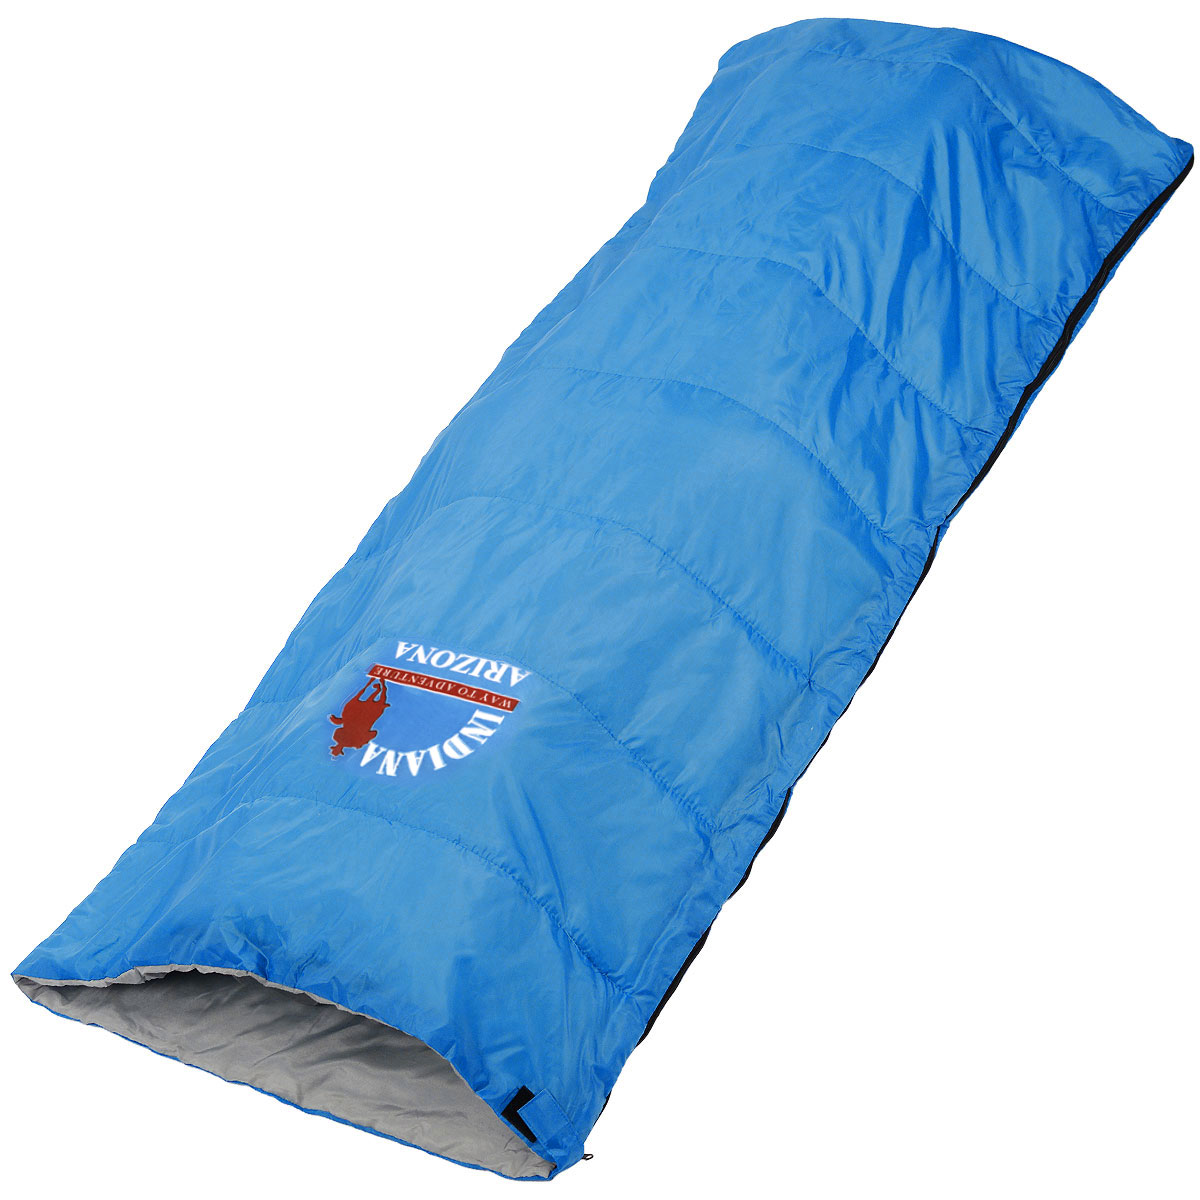 Спальный мешок-одеяло Indiana Arizona, 195 см х 85 см360700032Спальный мешок Indiana Arizona предусмотрен как для лета, так и для прохладного времени года, так как рассчитан на минимальную температуру -1° C.Его можно использовать не только во время отдыха, но и для повседневной жизни на даче или дома.Что взять с собой в поход?. Статья OZON Гид